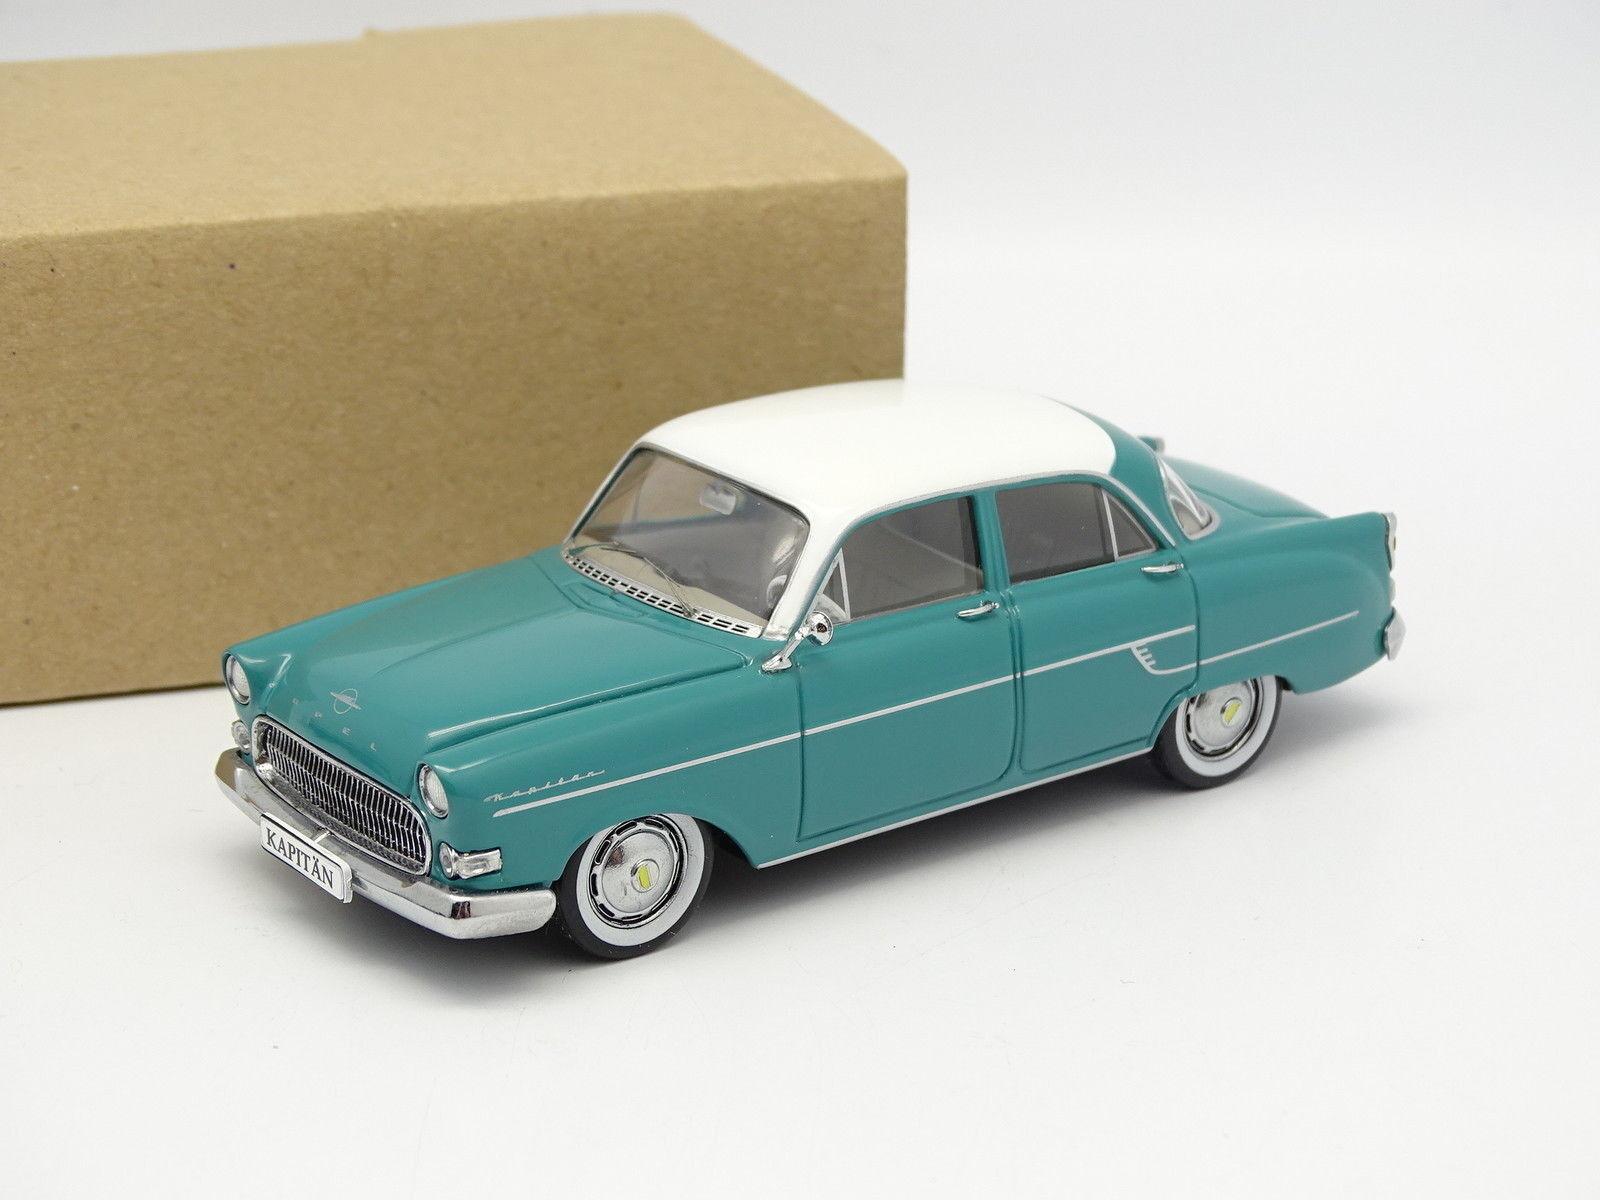 Schuco Schuco Schuco SB 1 43 - Opel Kapitan 56 blue 9559ae